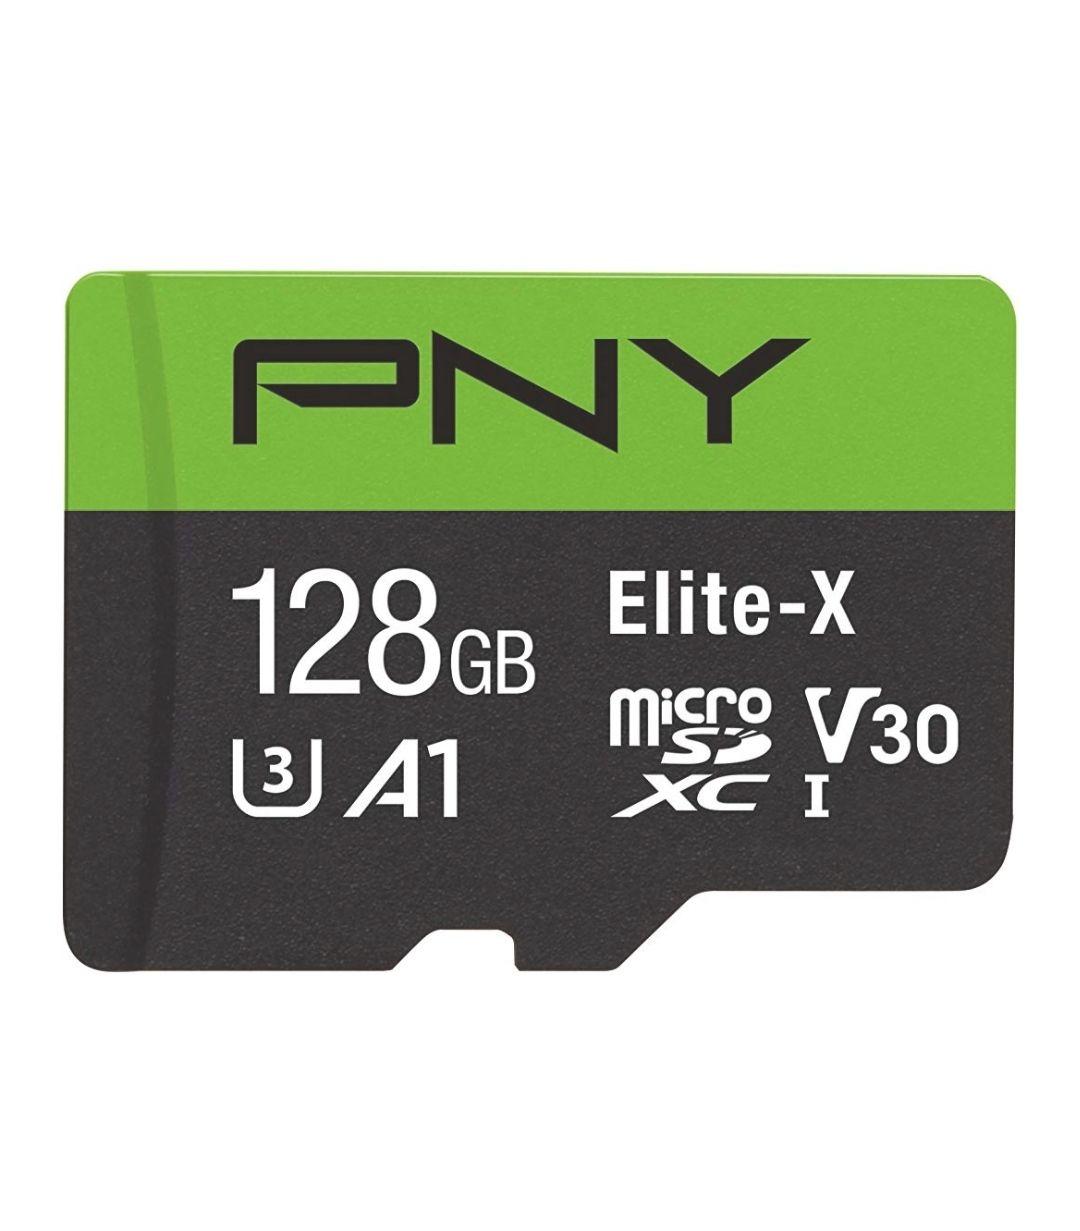 Amazon: PNY Elite-X Memoria Flash - Tarjeta de Memoria 128GB U3